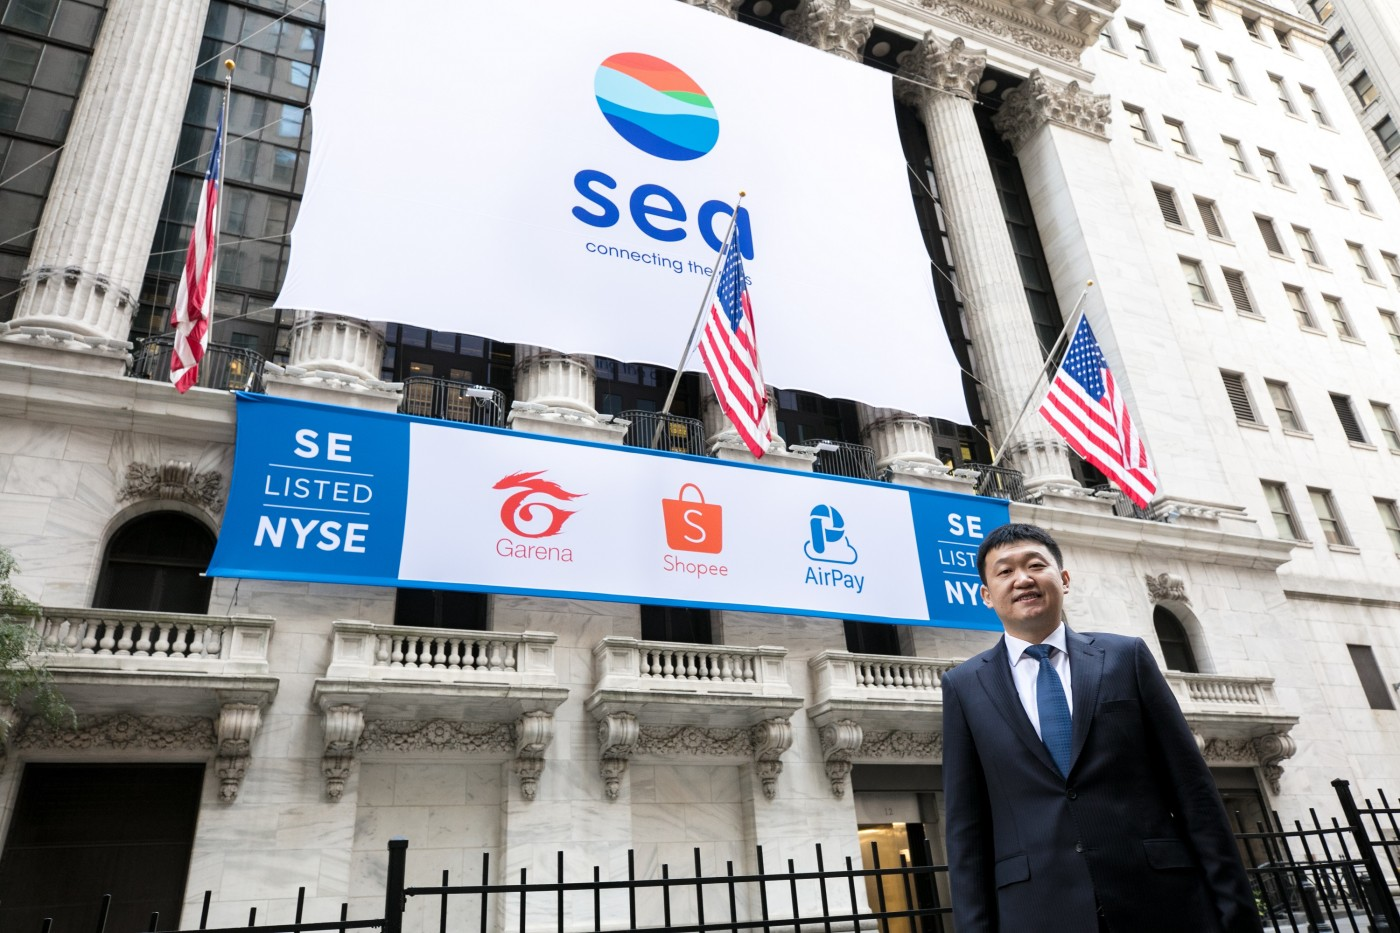 蝦皮母公司Sea市值激增5倍,登上亞洲前三大飆股第一寶座